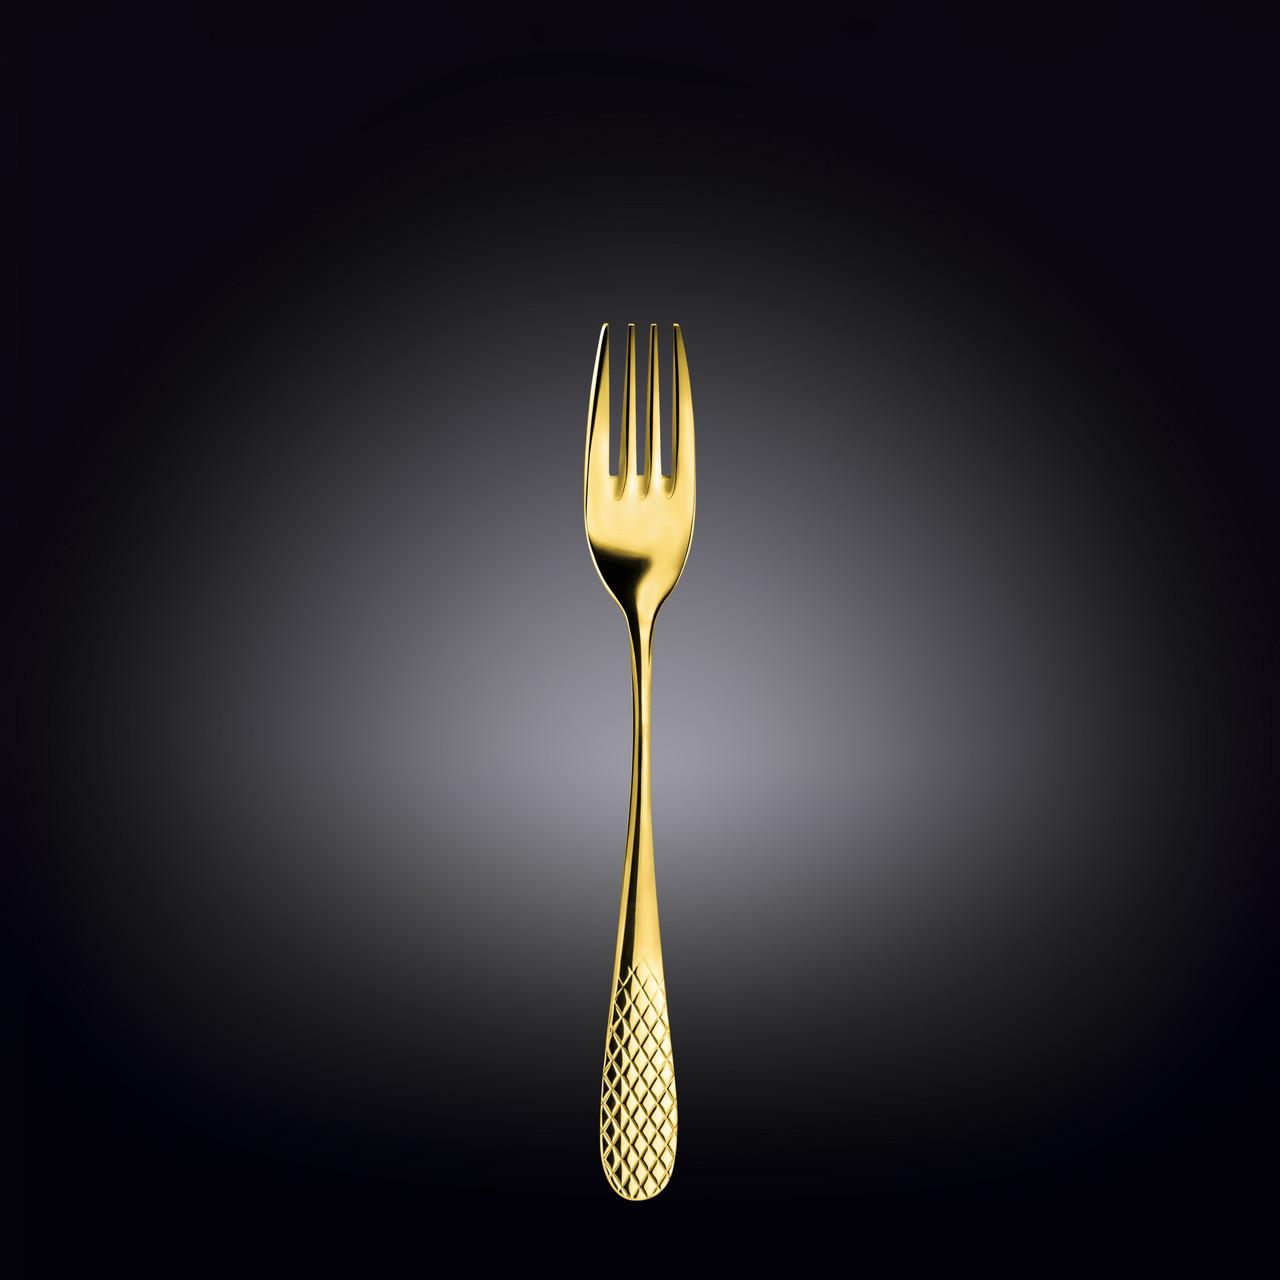 Вилка обеденная Wilmax «Julia Gold» 20 см 2 шт